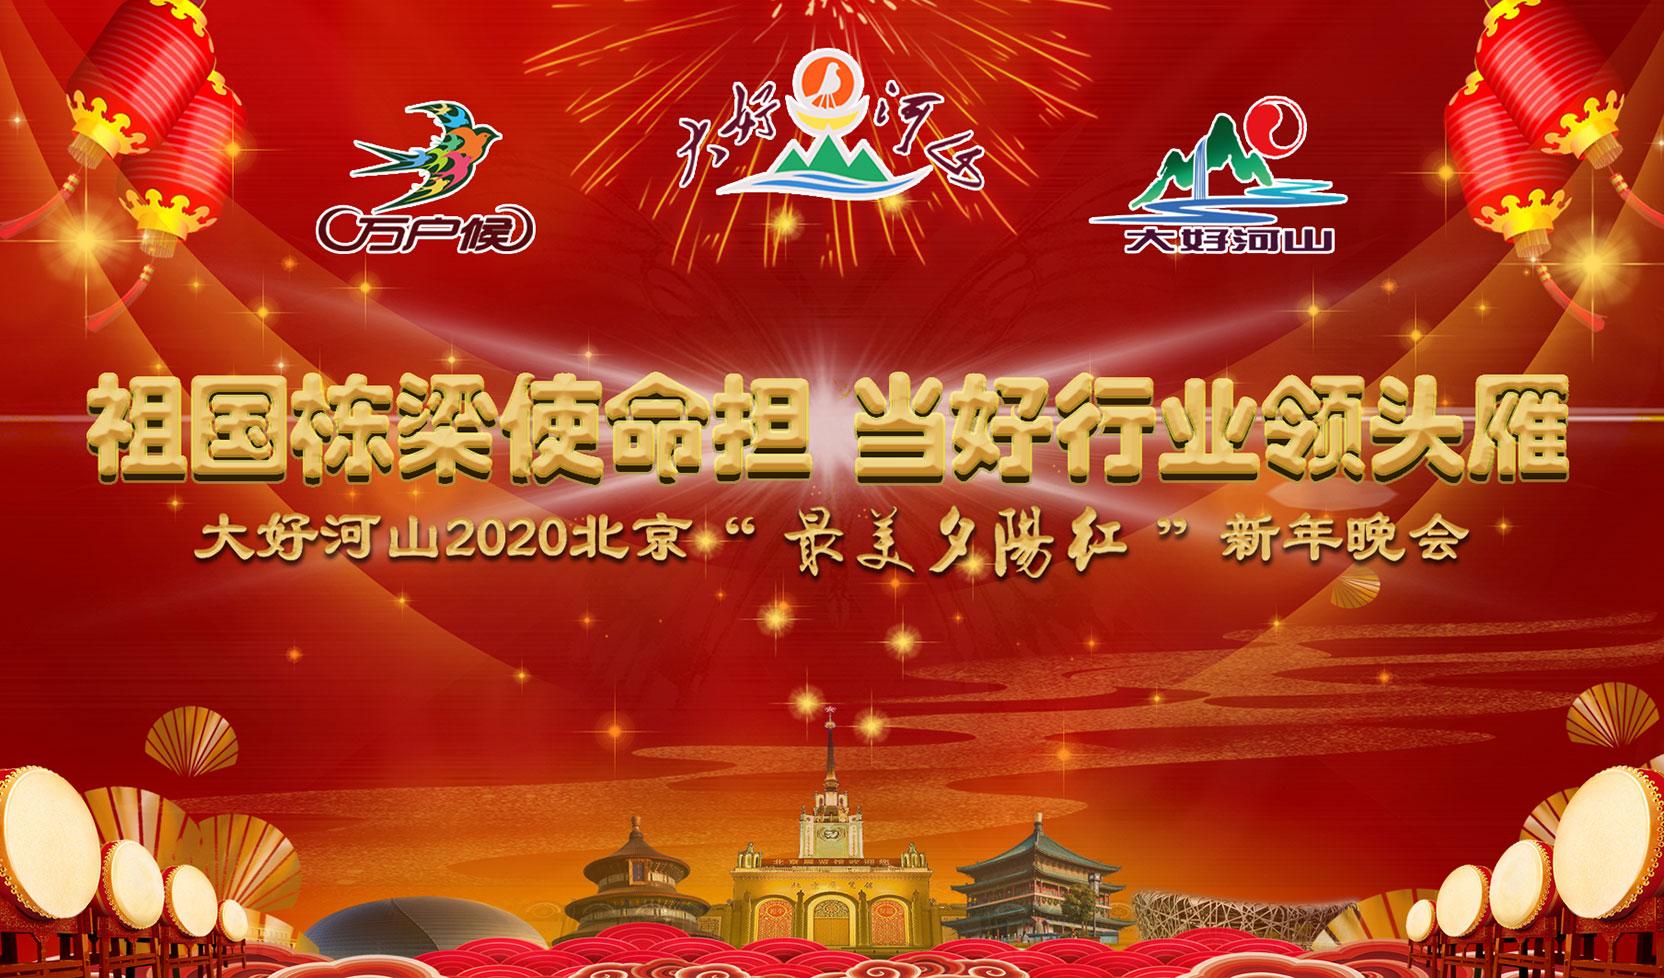 """大好河山2020北京""""最美夕阳红""""新年晚会"""